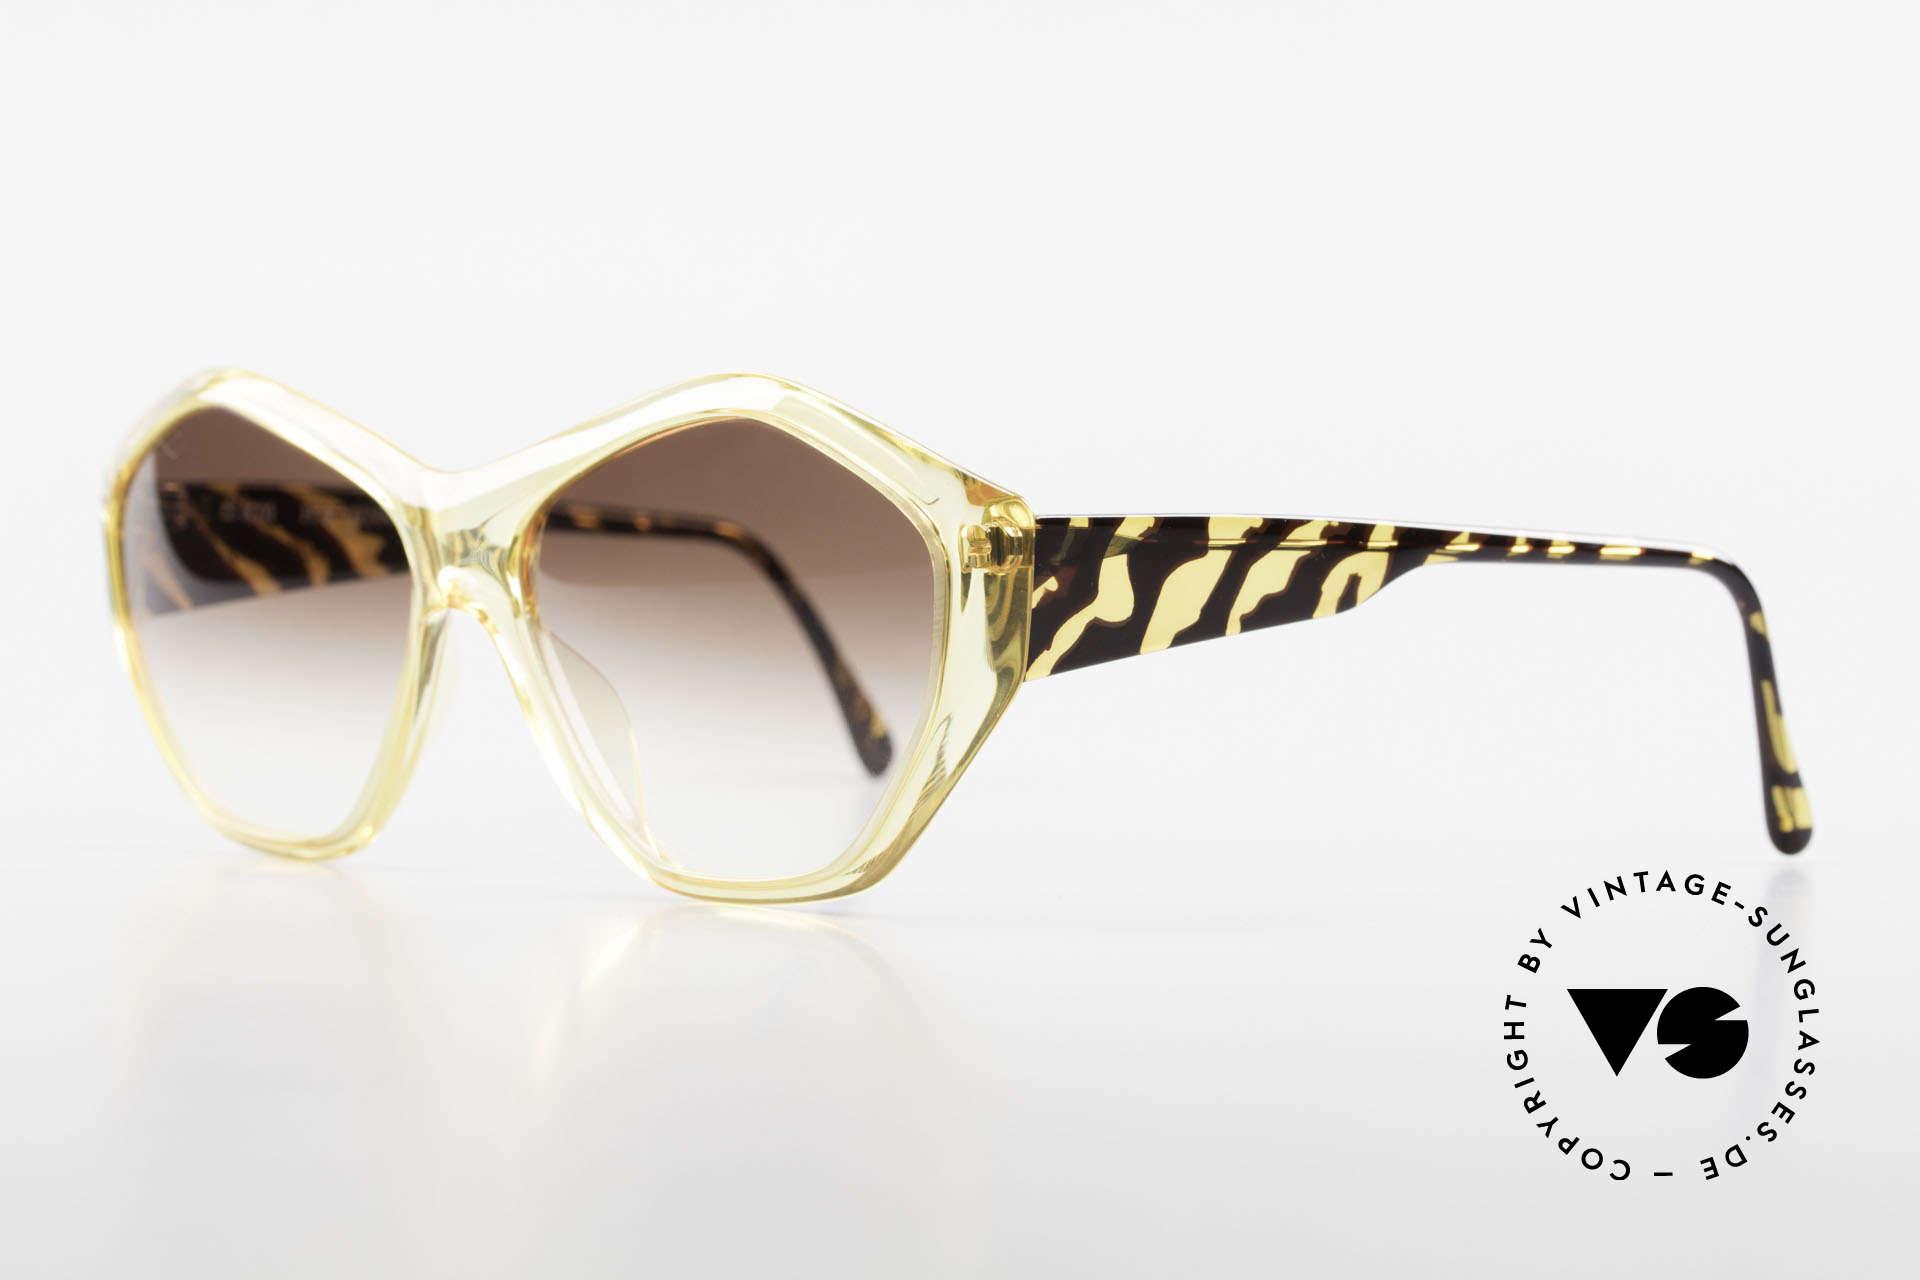 Paloma Picasso 1463 Optyl Sonnenbrille 90er Damen, noch ein Meisterwerk vom Künstler-Haus Picasso!, Passend für Damen